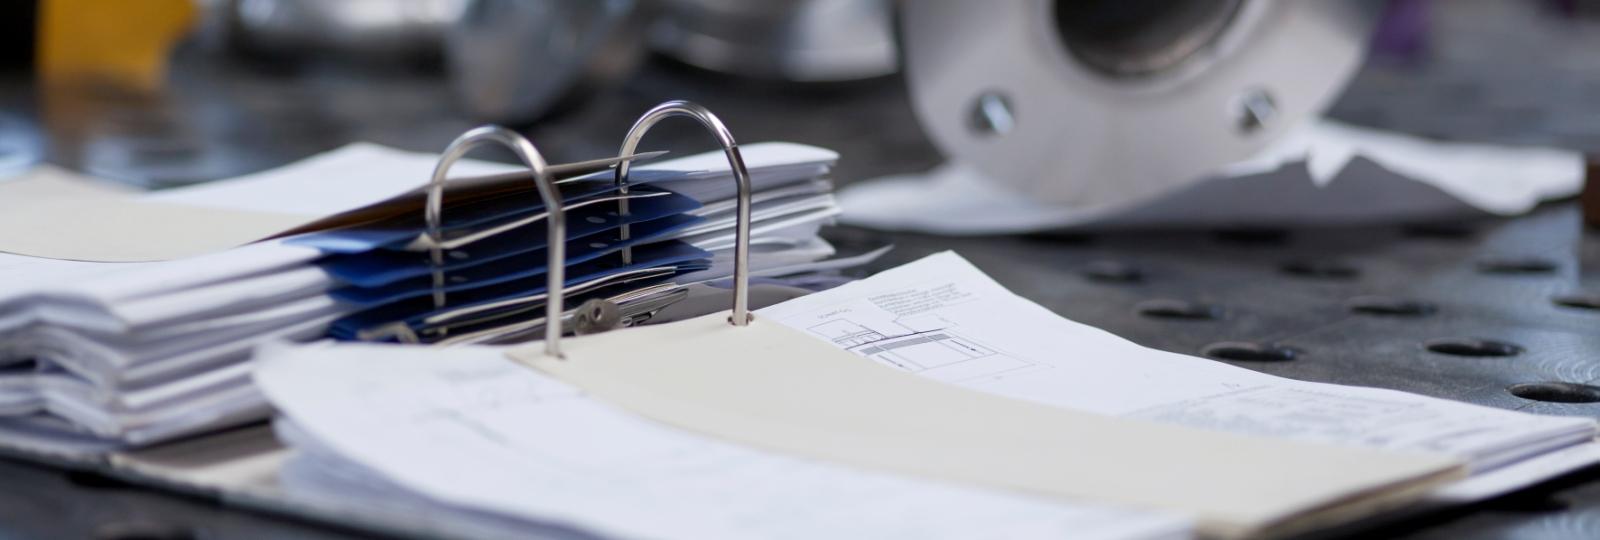 Die BvL Oberflächentechnik ist ein mehrfach zertifiziertes und ausgezeichnetes Unternehmen